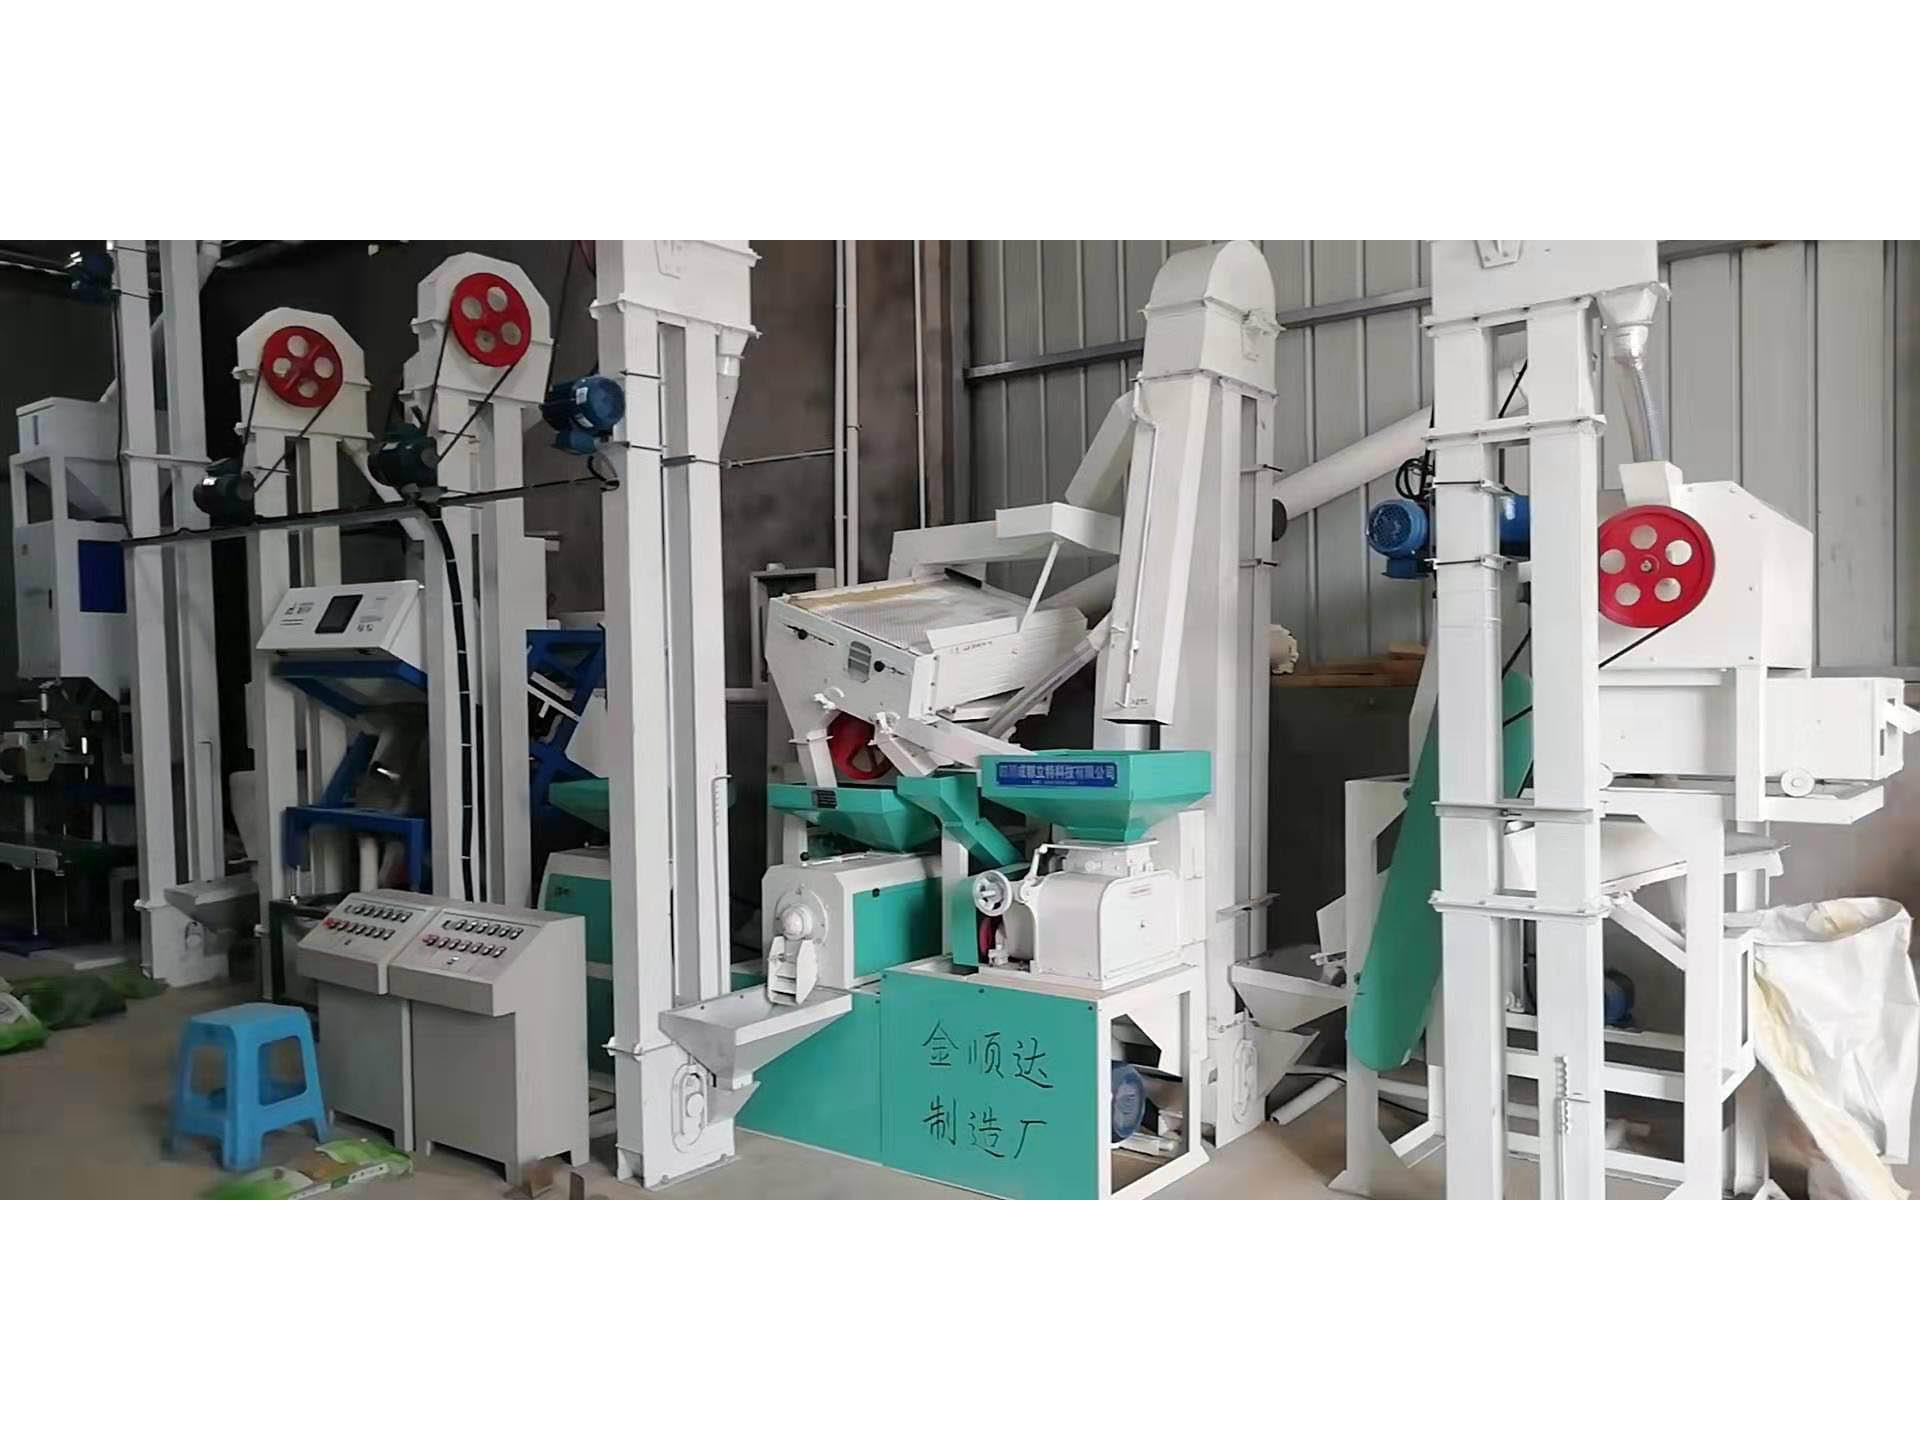 遼寧成套碾米機設備-金順達機械廠提供質量好的成套組合碾米機